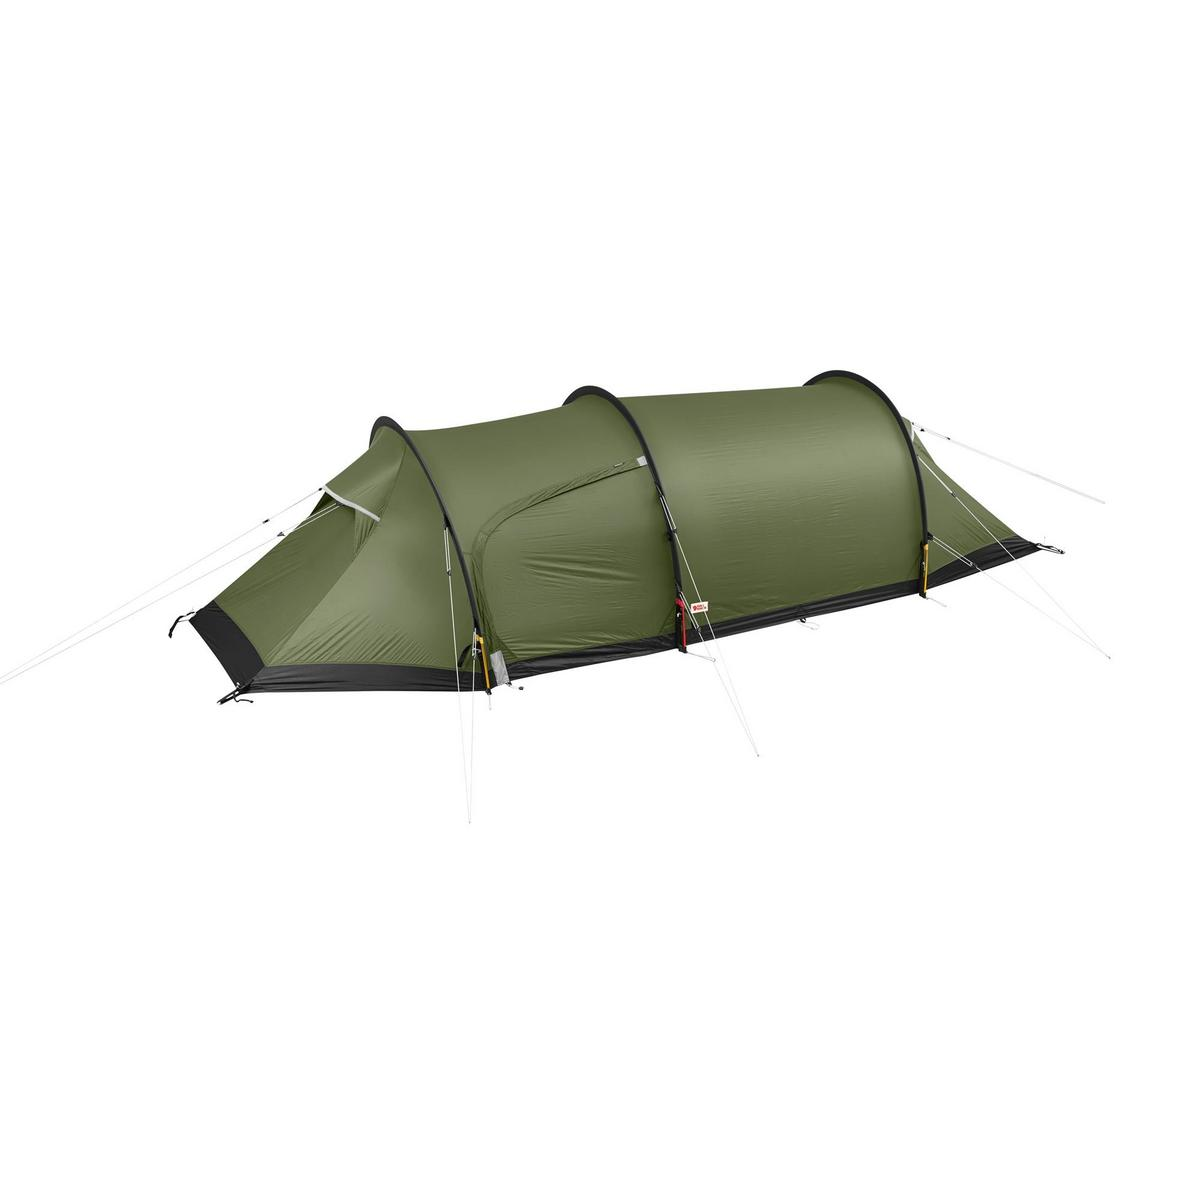 Fjallraven Keb Endurance 2 Tent - Green